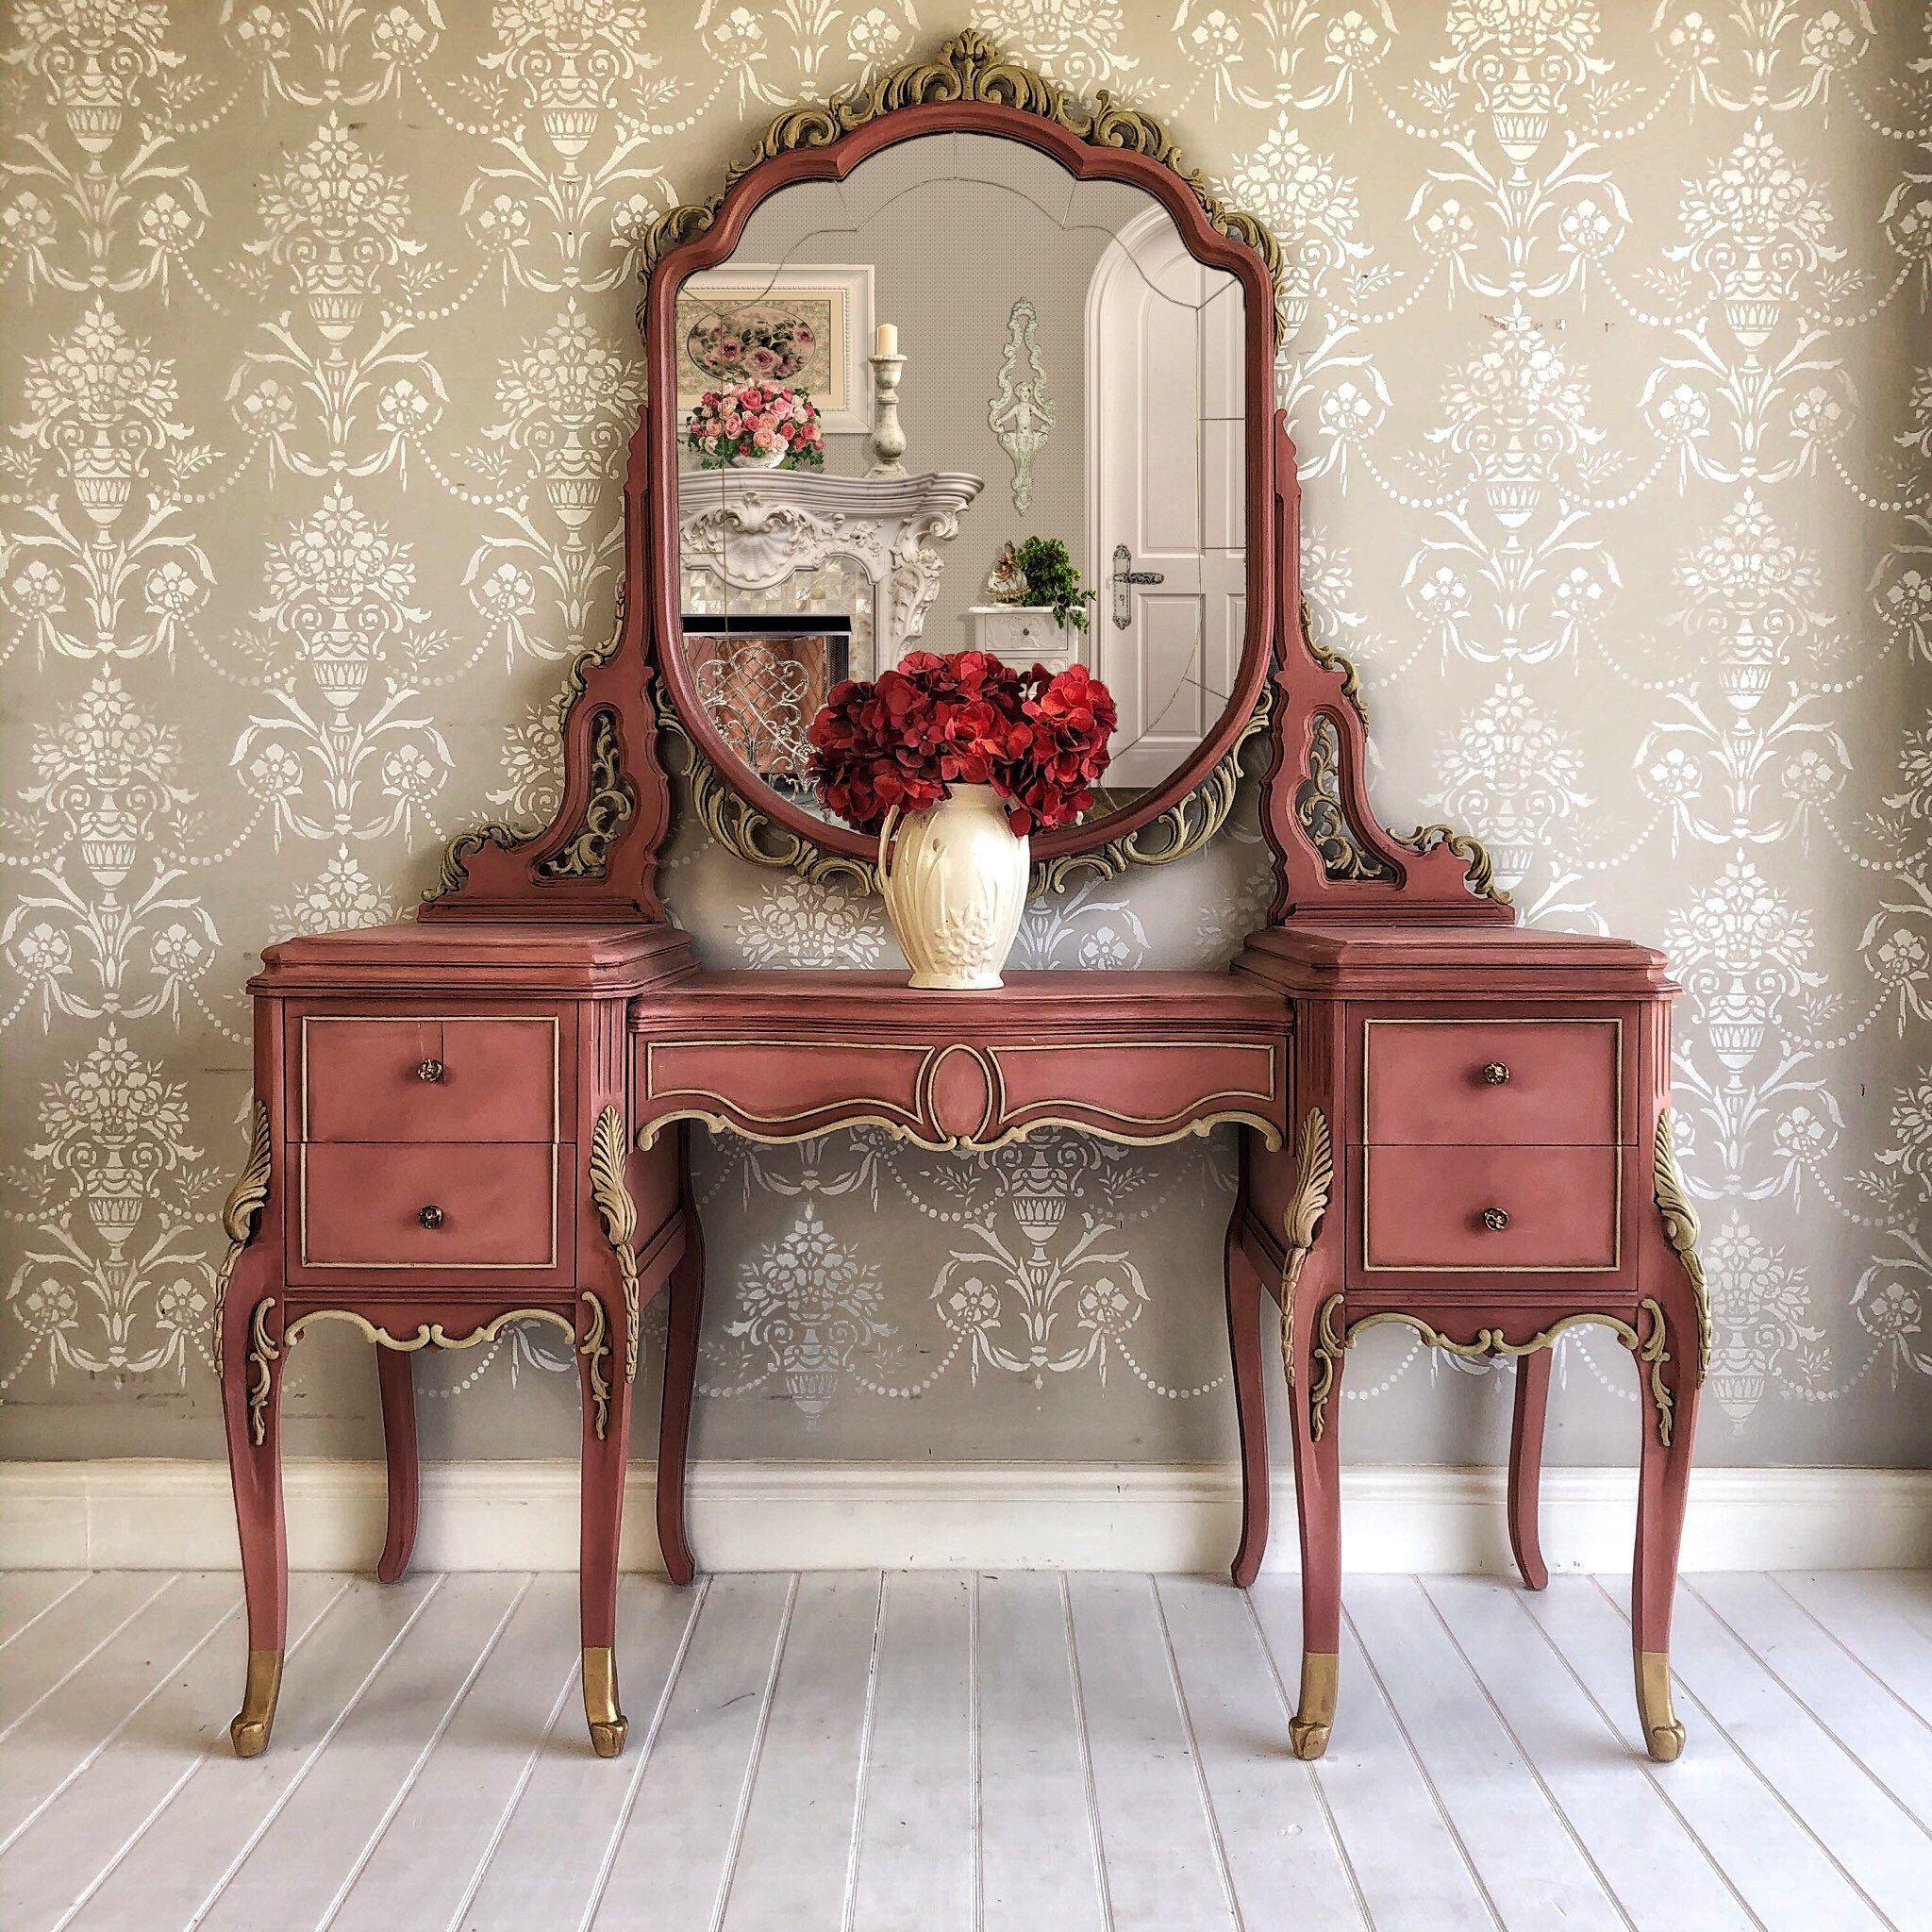 Upcycled Vintage Vanity Makeup Table Painted Furniture